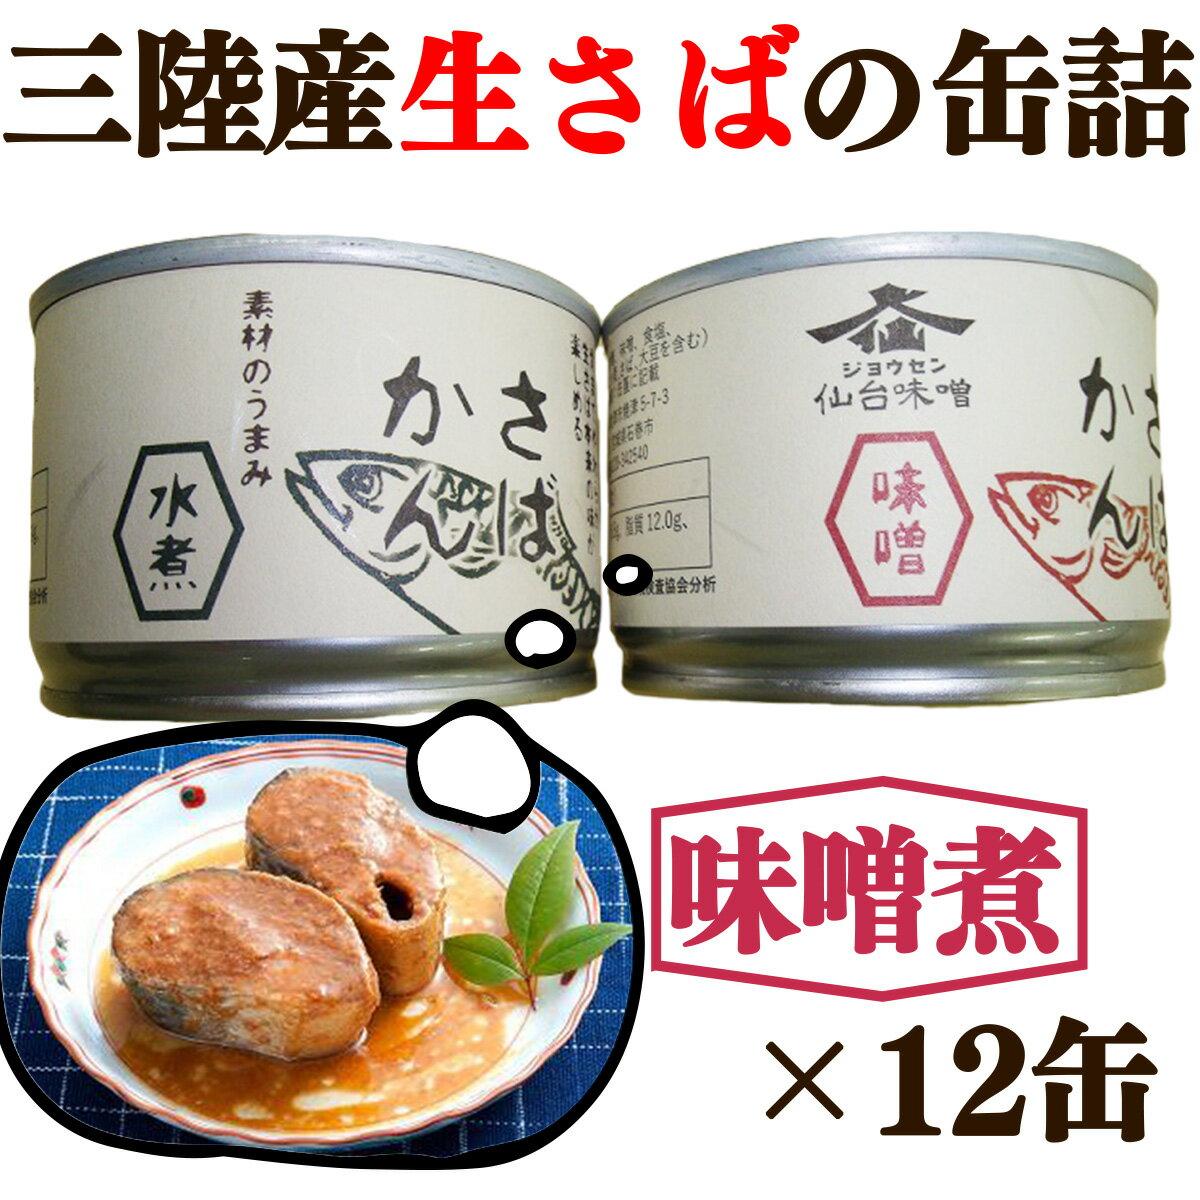 【ふるさと納税】三陸産 生さばの缶詰12缶入 (味噌煮)